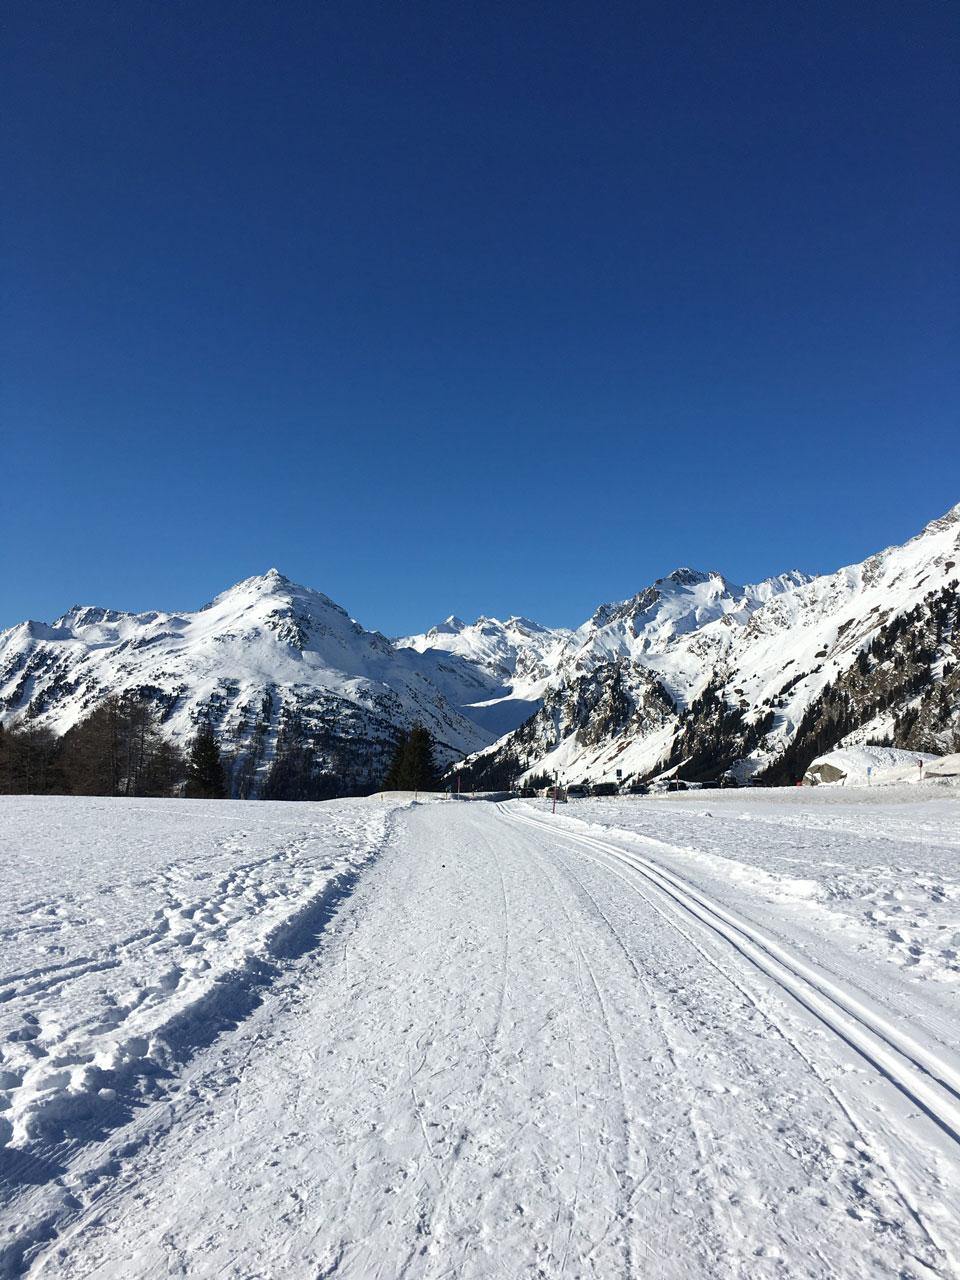 Maloja pass skiing